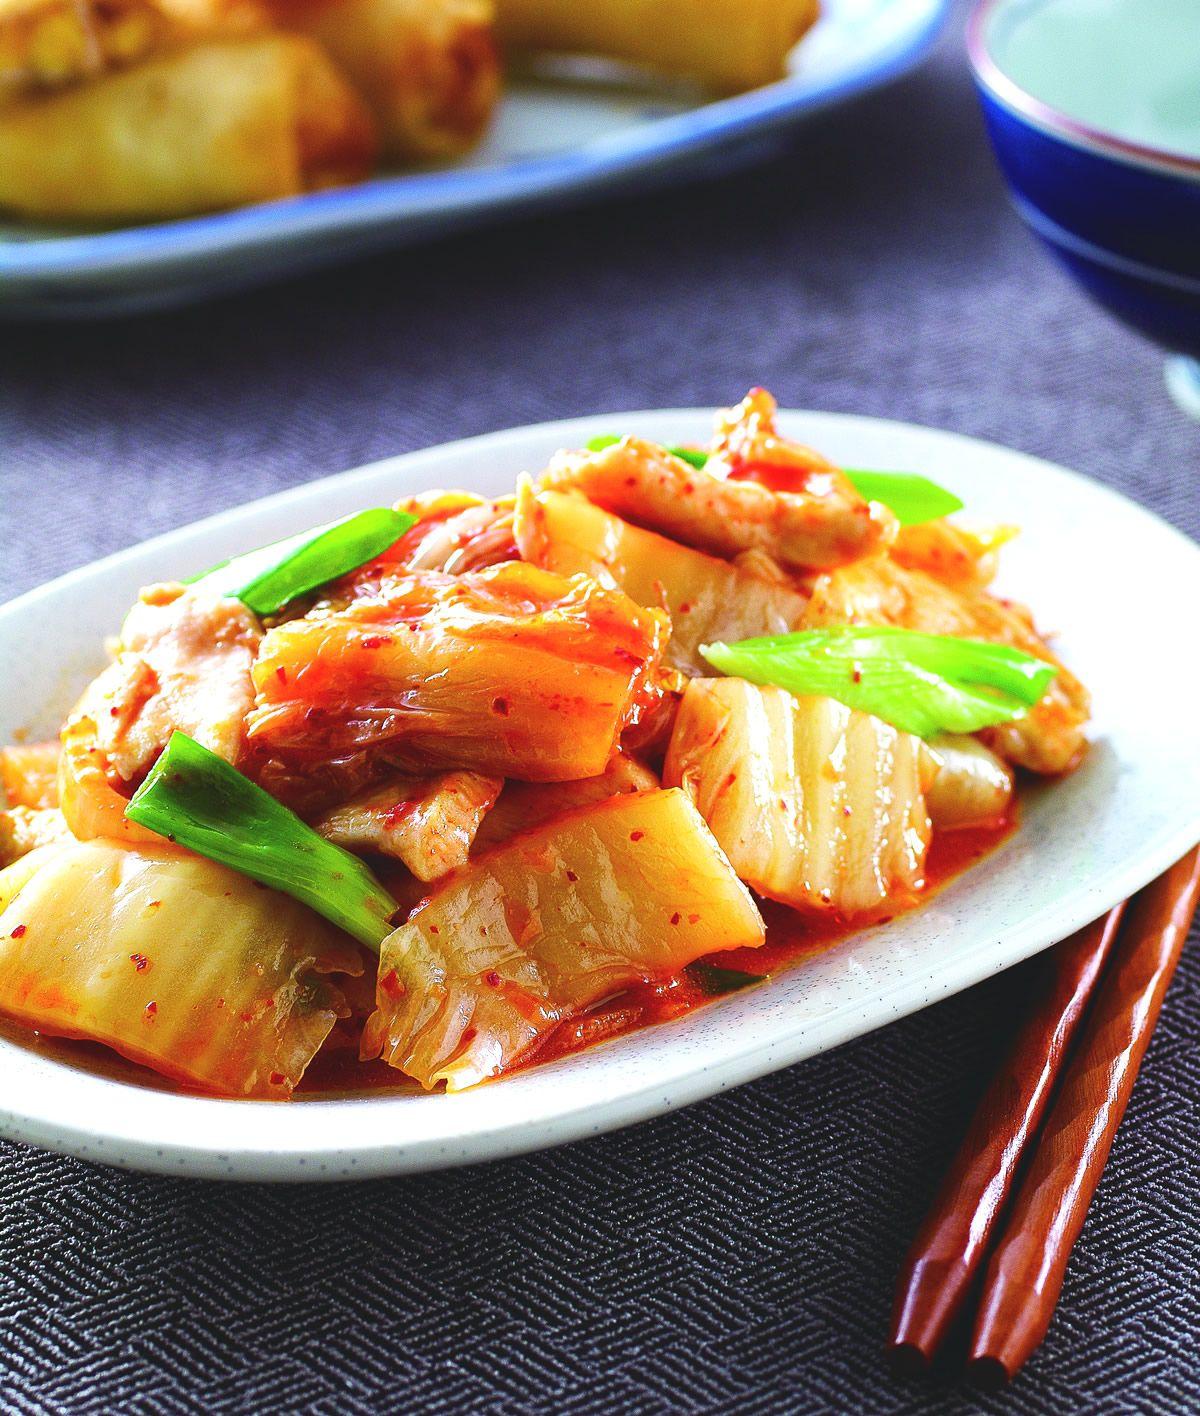 食譜:韓式泡菜炒雞肉片